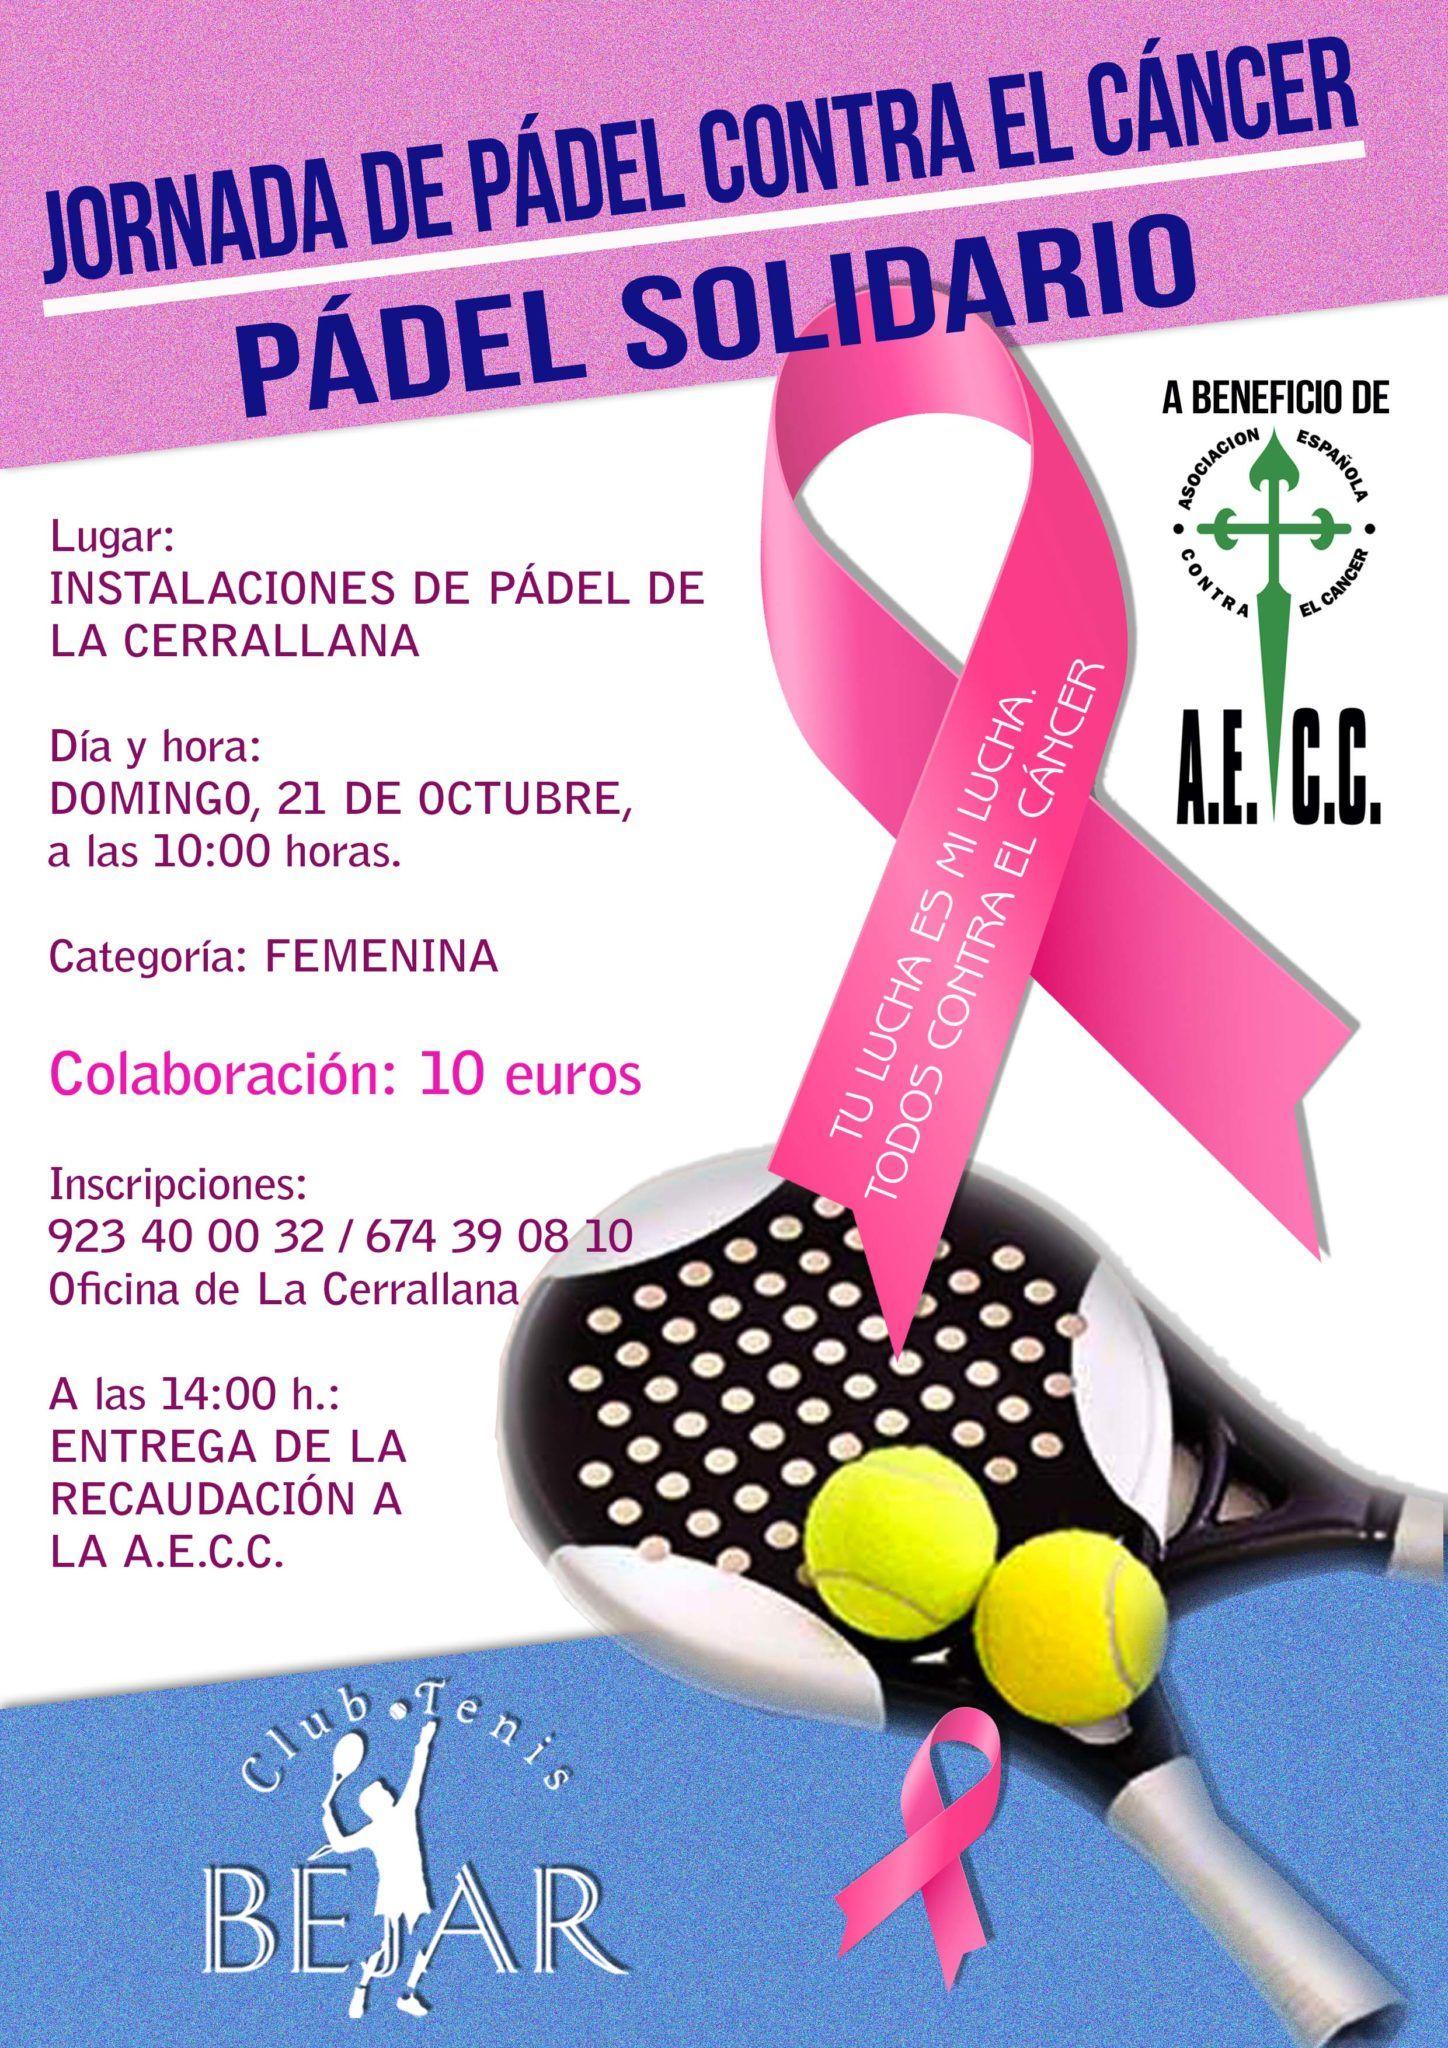 El Club de Tenis Béjar colabora en la organización de la jornada de pádel solidario contra el cáncer